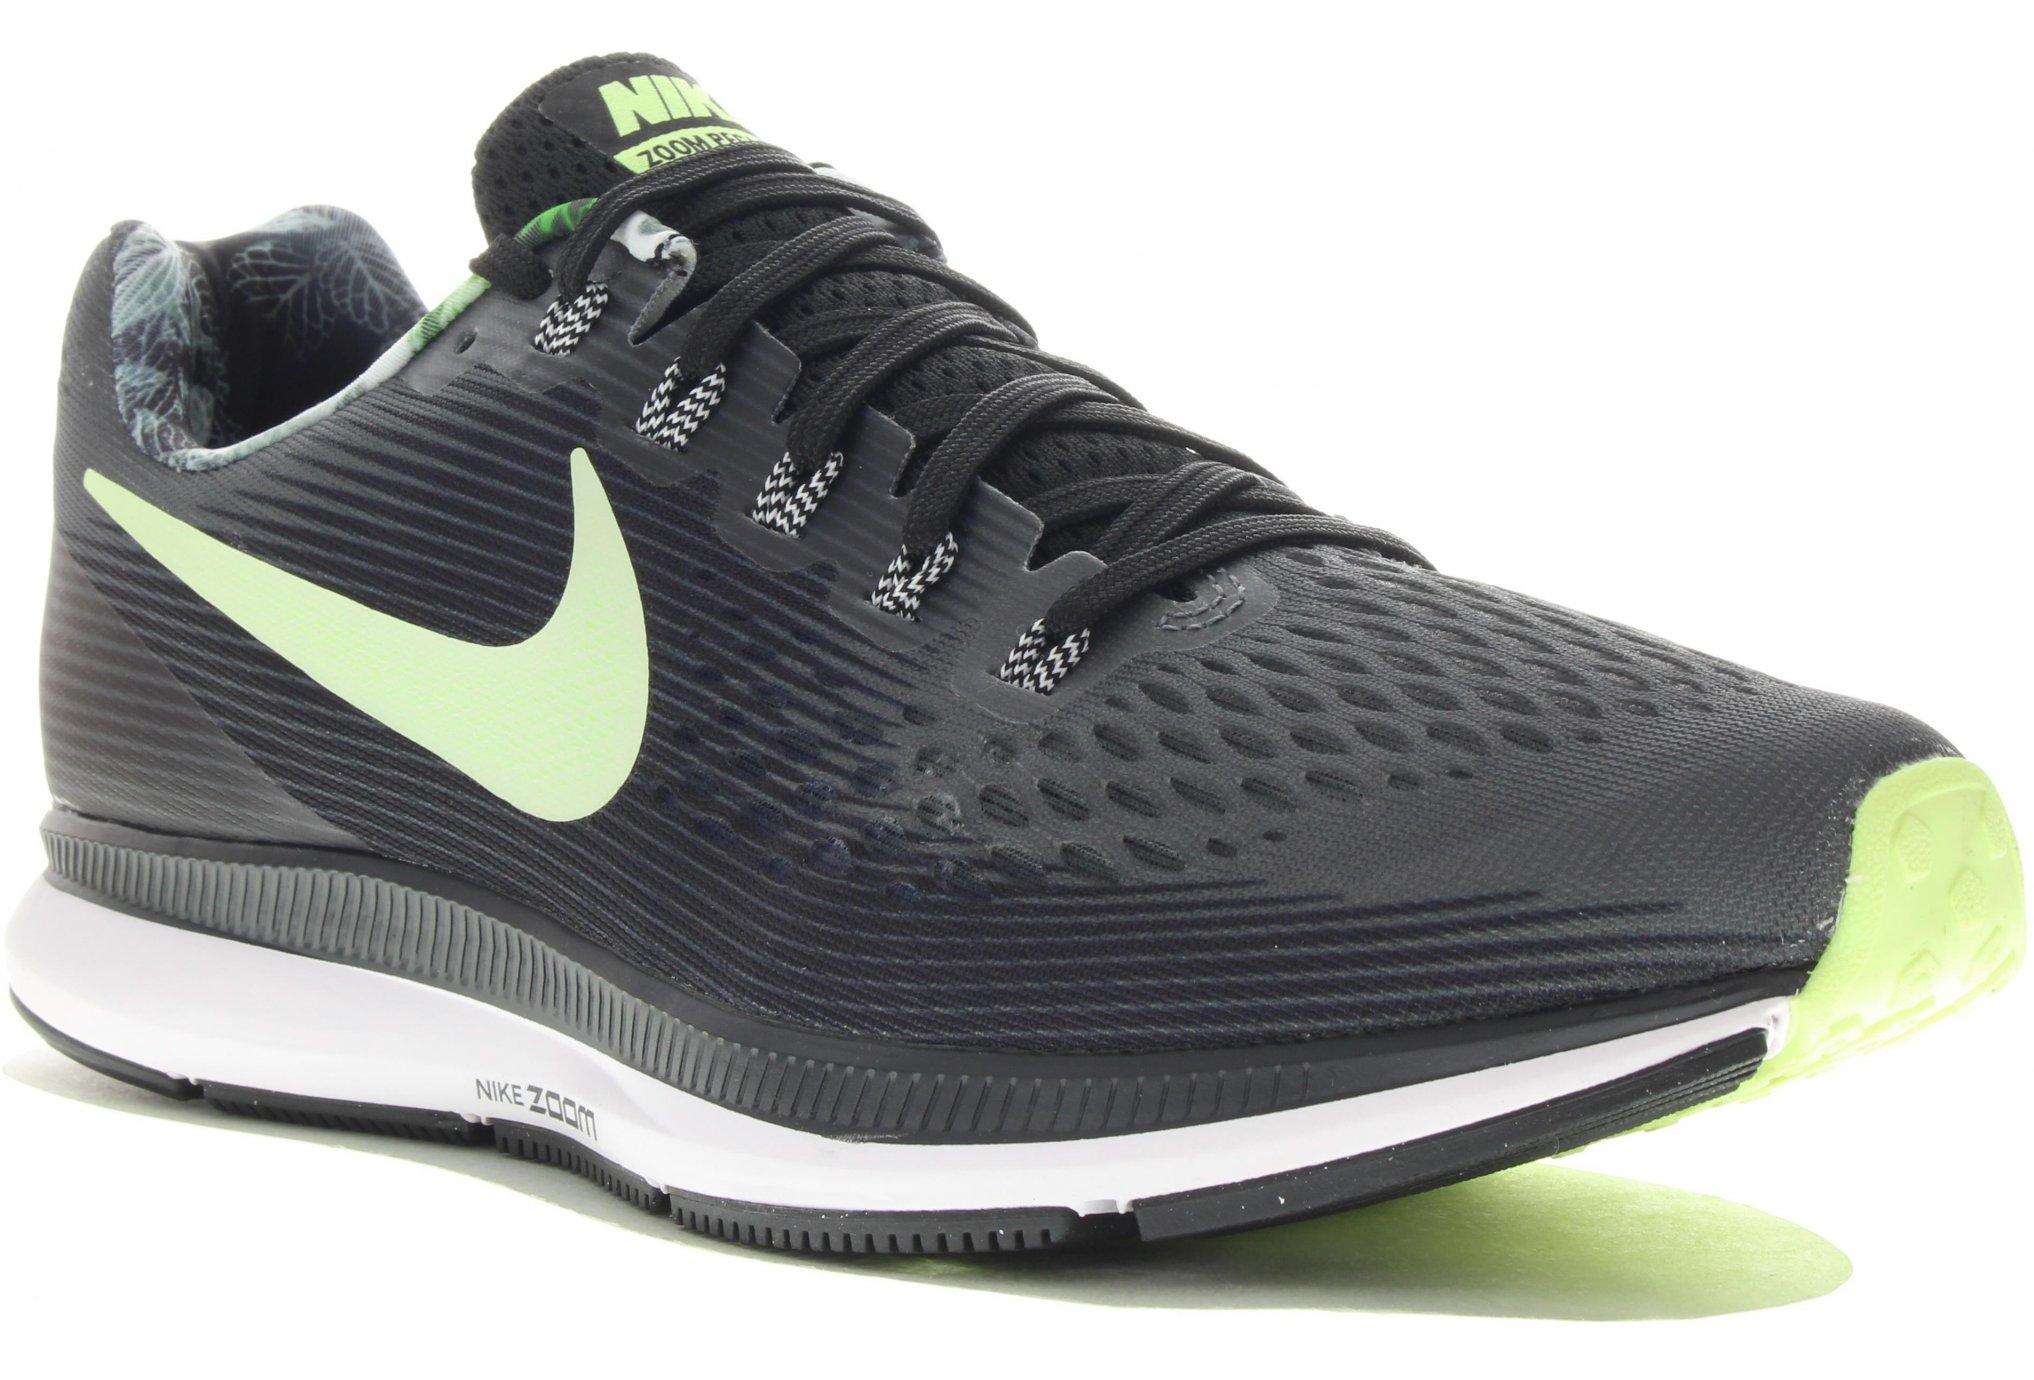 Nike Air Zoom Pegasus 34 Solstice déstockage running